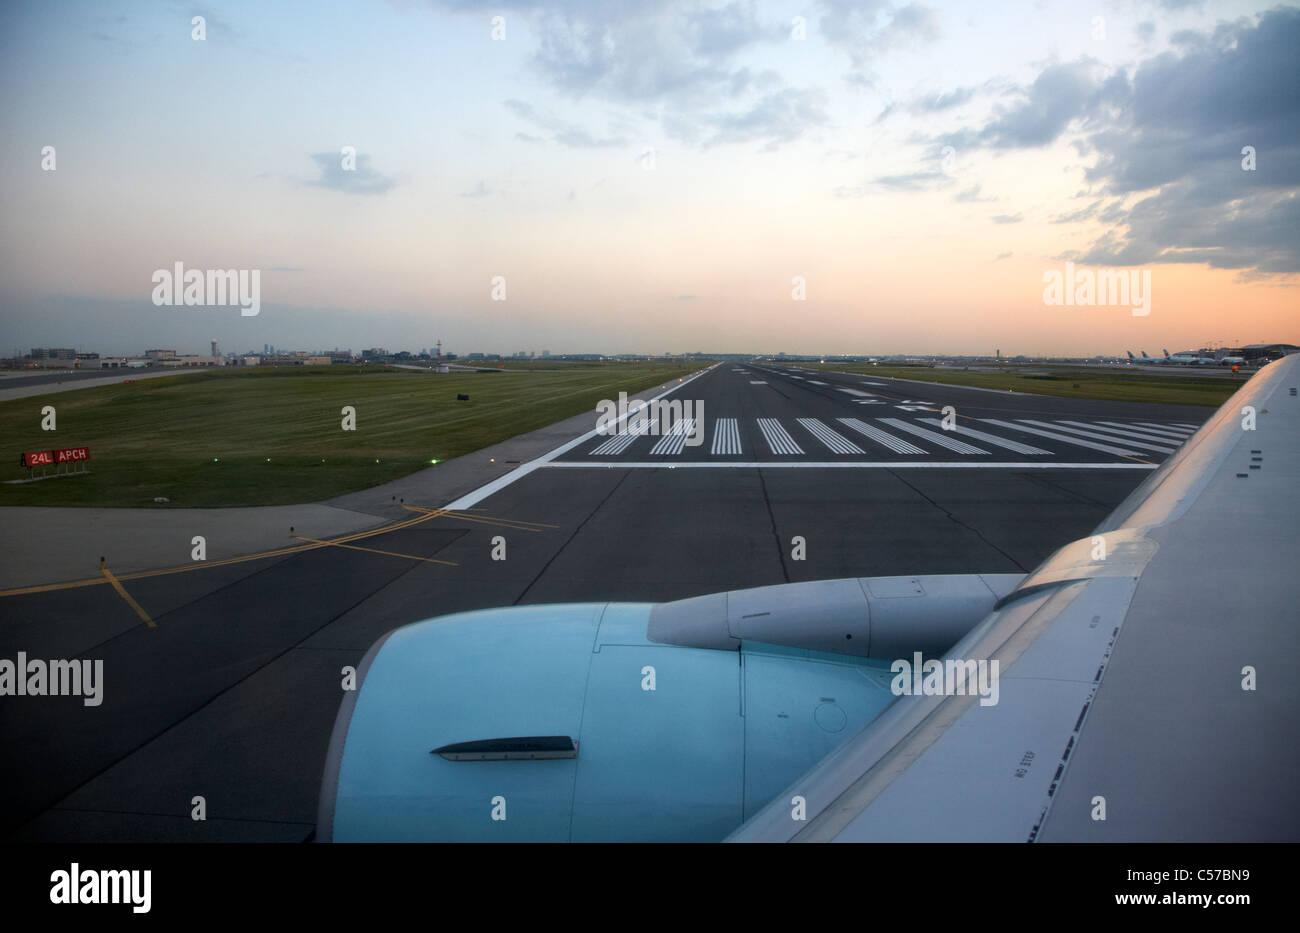 air canada aircraft taxiing past runway at Toronto Pearson International Airport Ontario Canada - Stock Image